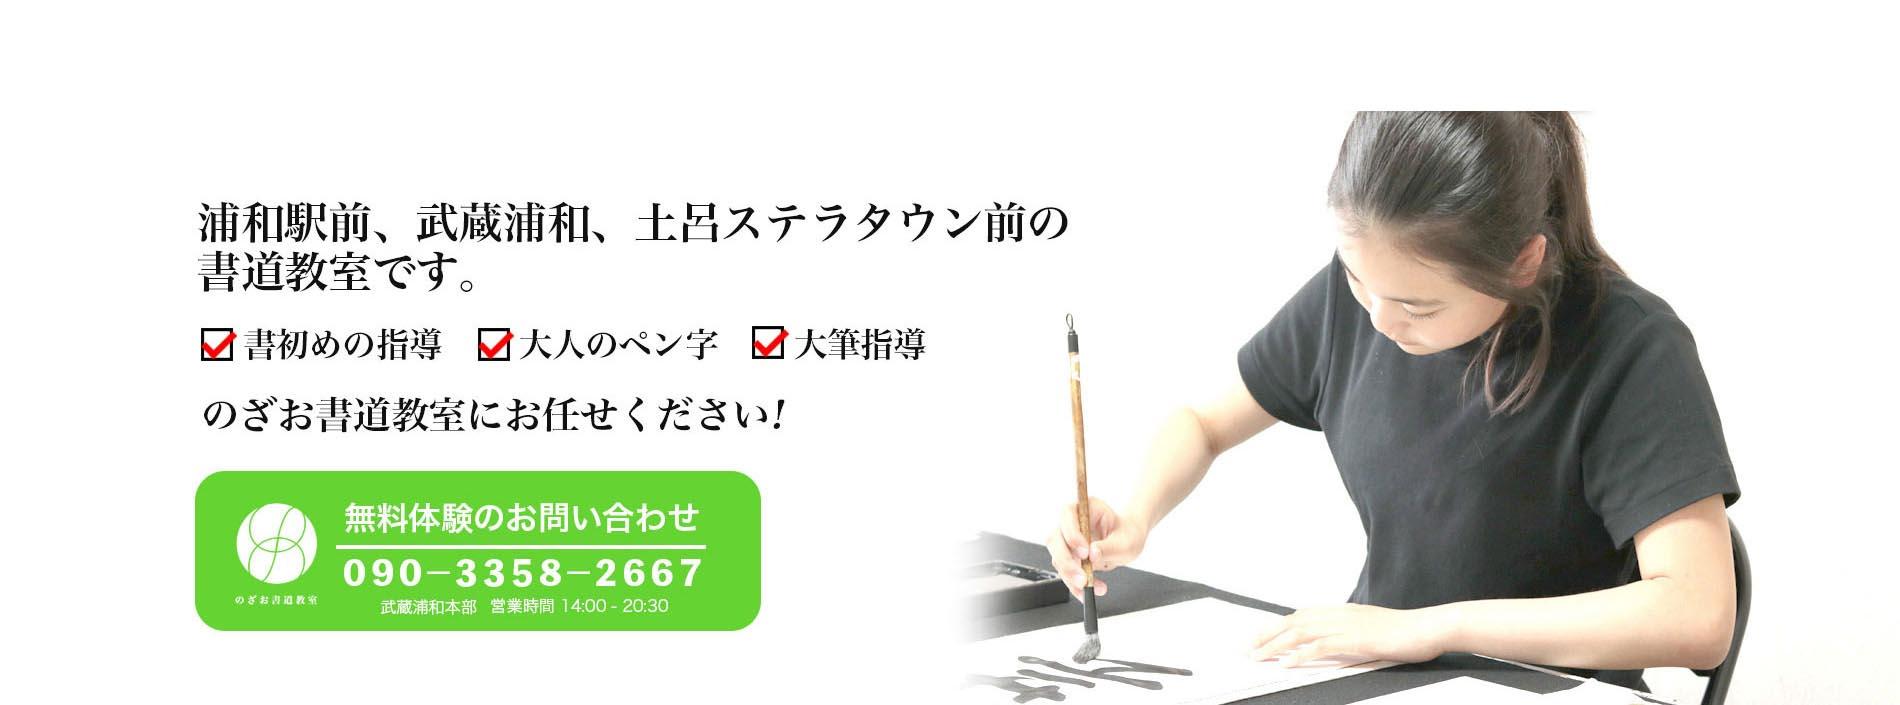 浦和駅前、武蔵浦和、土呂ステラタウン前の書道教室です。書初めの指導、大人のペン字、大筆指導など、のざお書道教室にお任せください!無料体験のお問い合わせは090-3358-2667まで